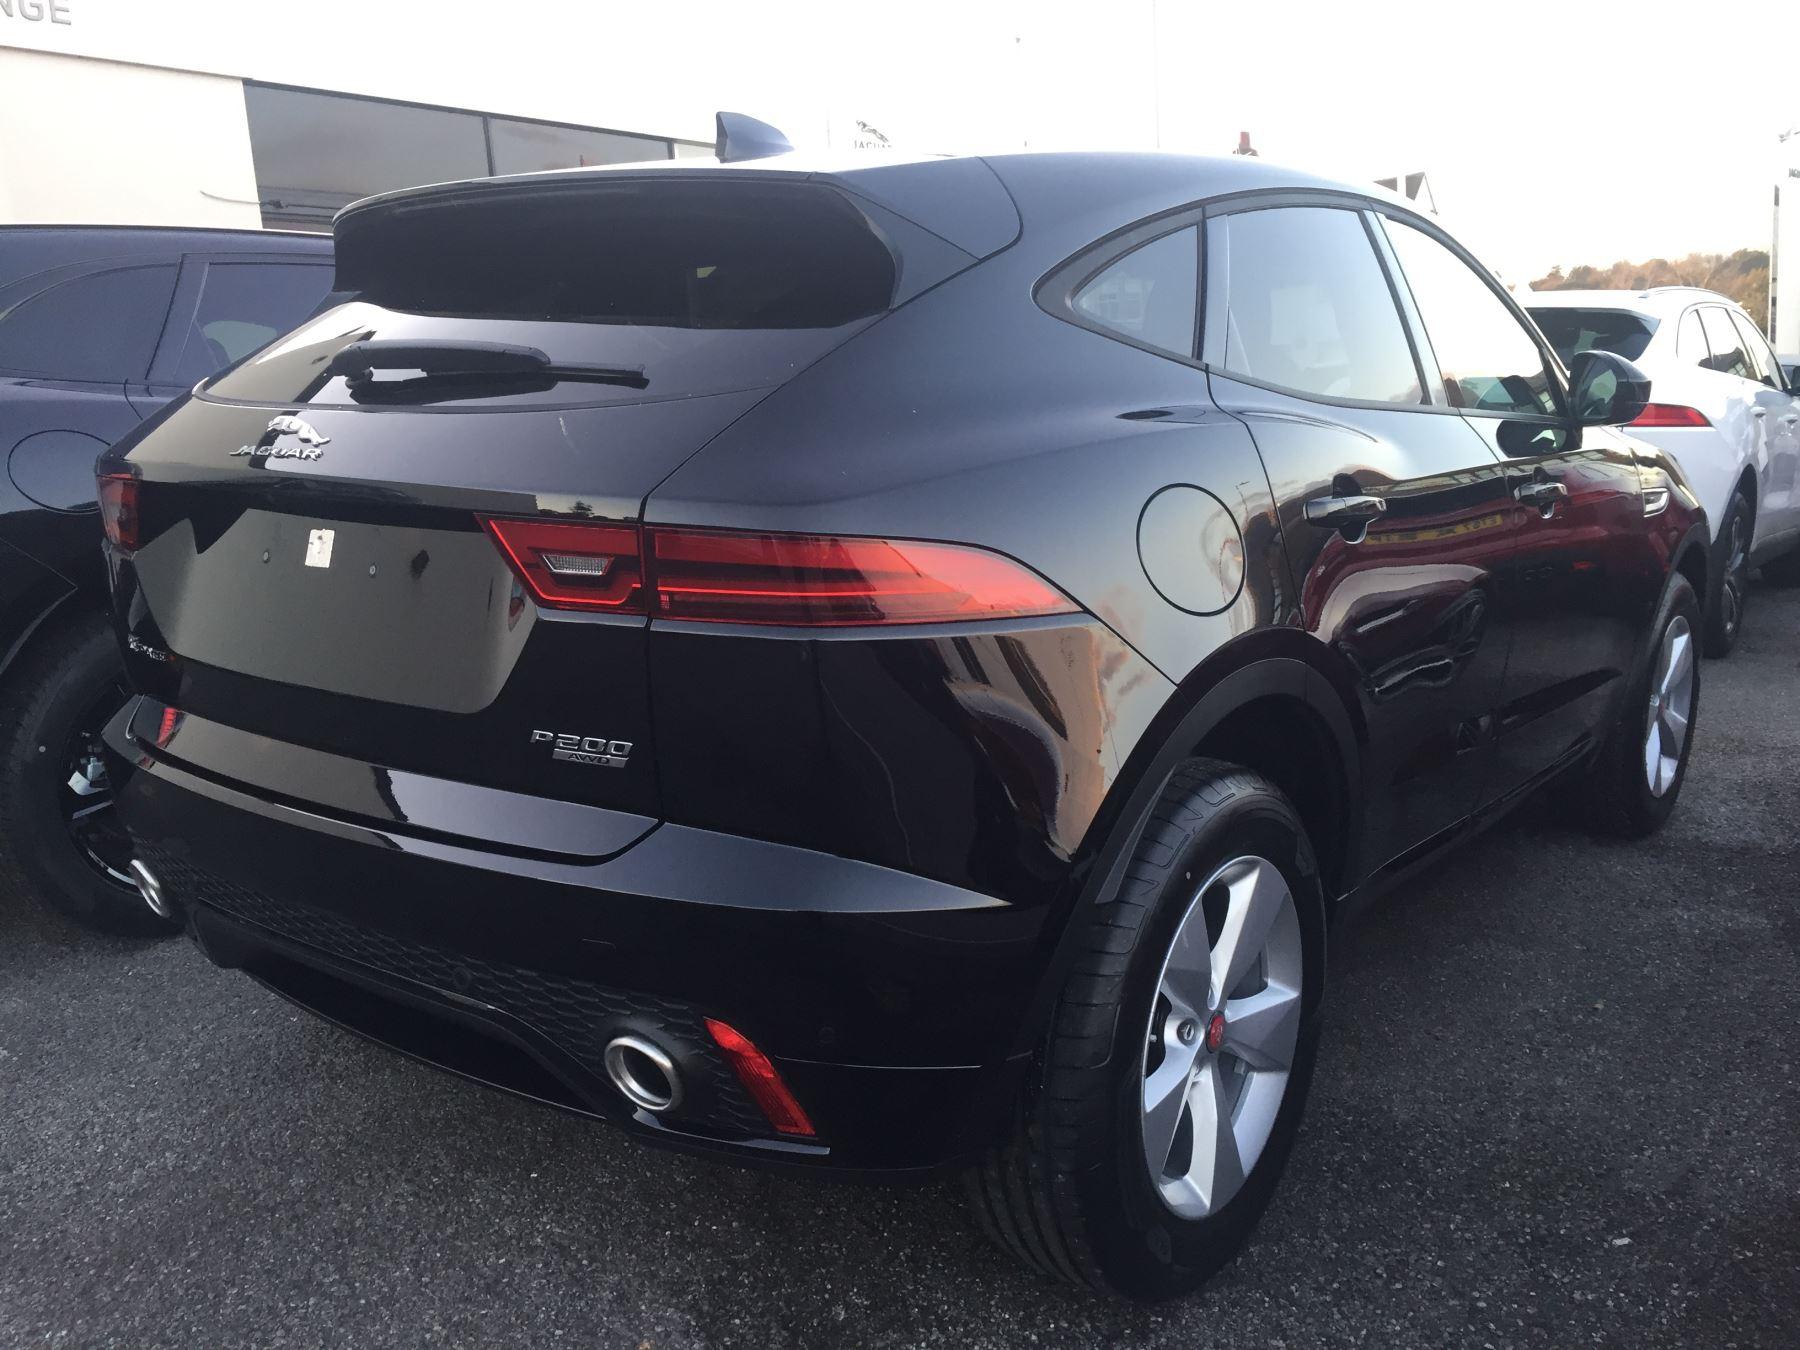 Jaguar E-PACE 2.0 R-Dynamic S image 4